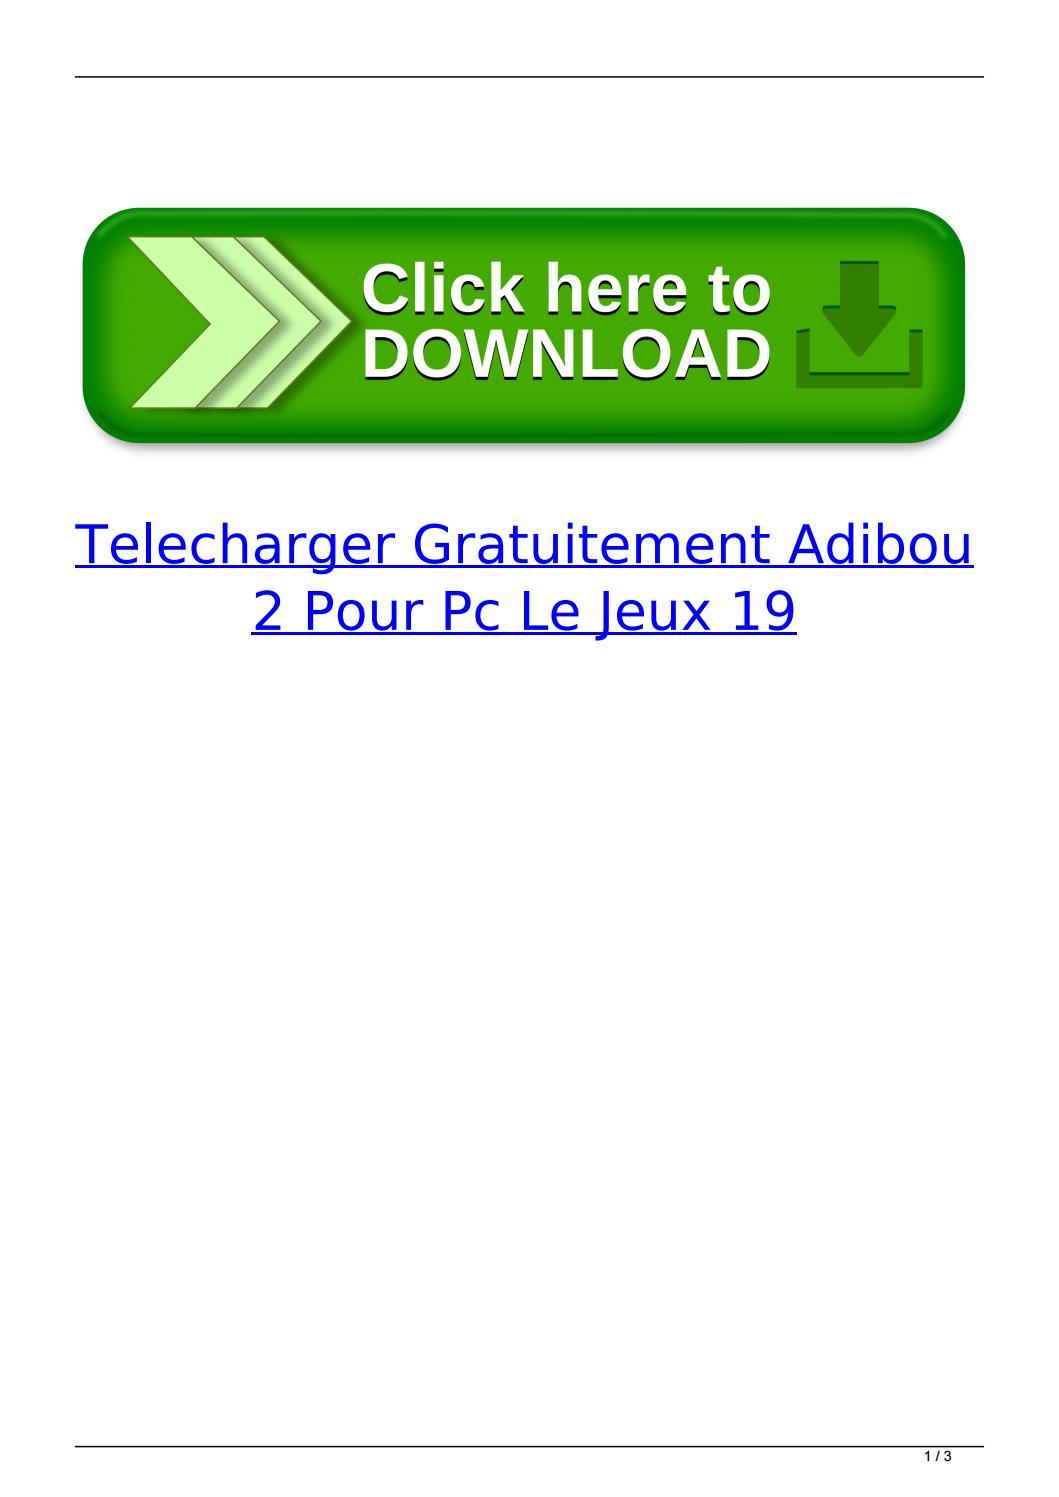 Telecharger Gratuitement Adibou 2 Pour Pc Le Jeux 19 By destiné Adibou 2 Télécharger Gratuit